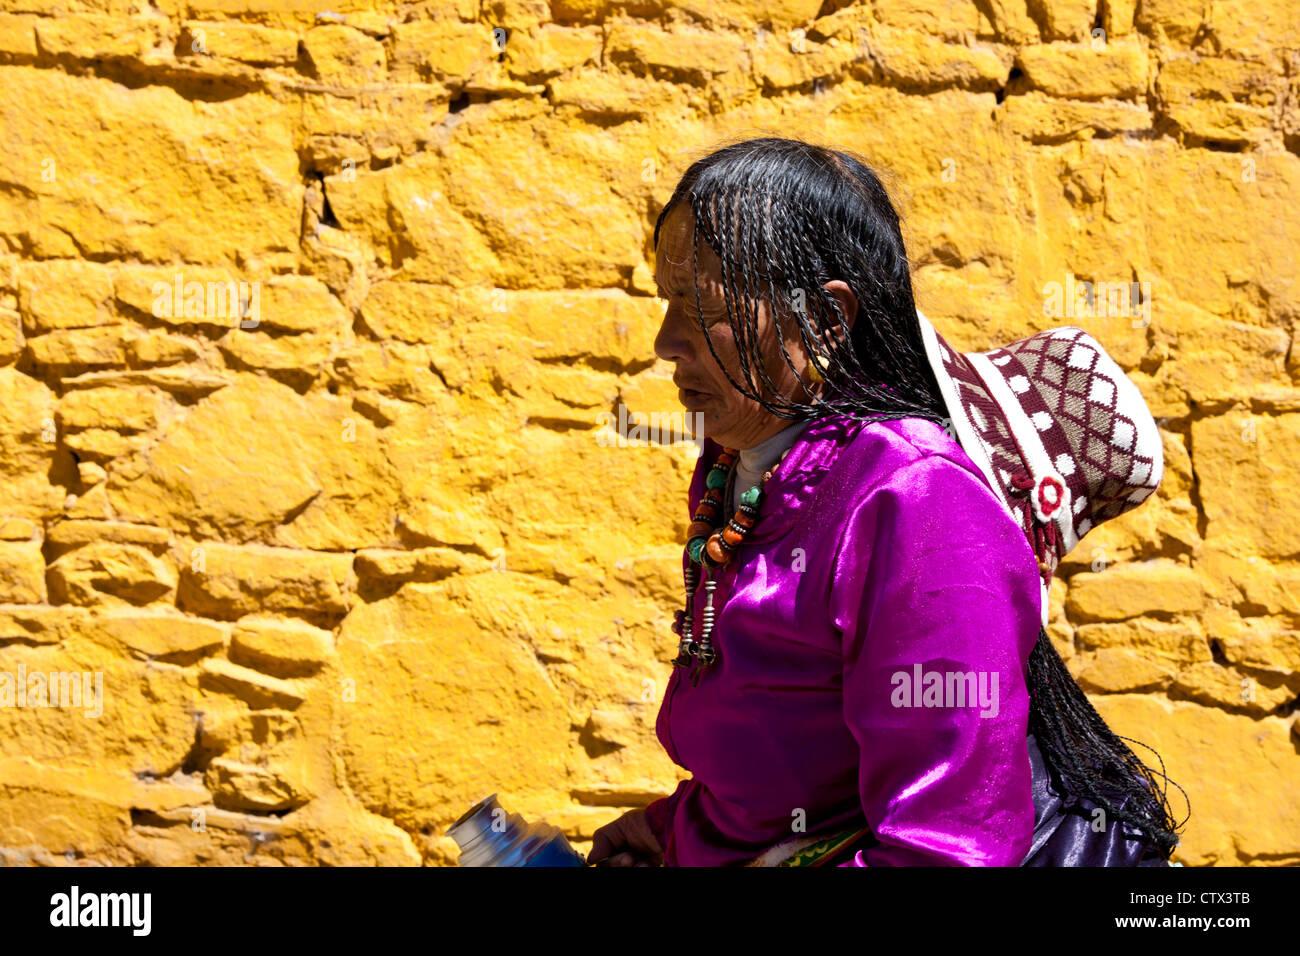 Un tibetano donna che indossa abiti tradizionali è passante una parete gialla, Tibet, Immagini Stock